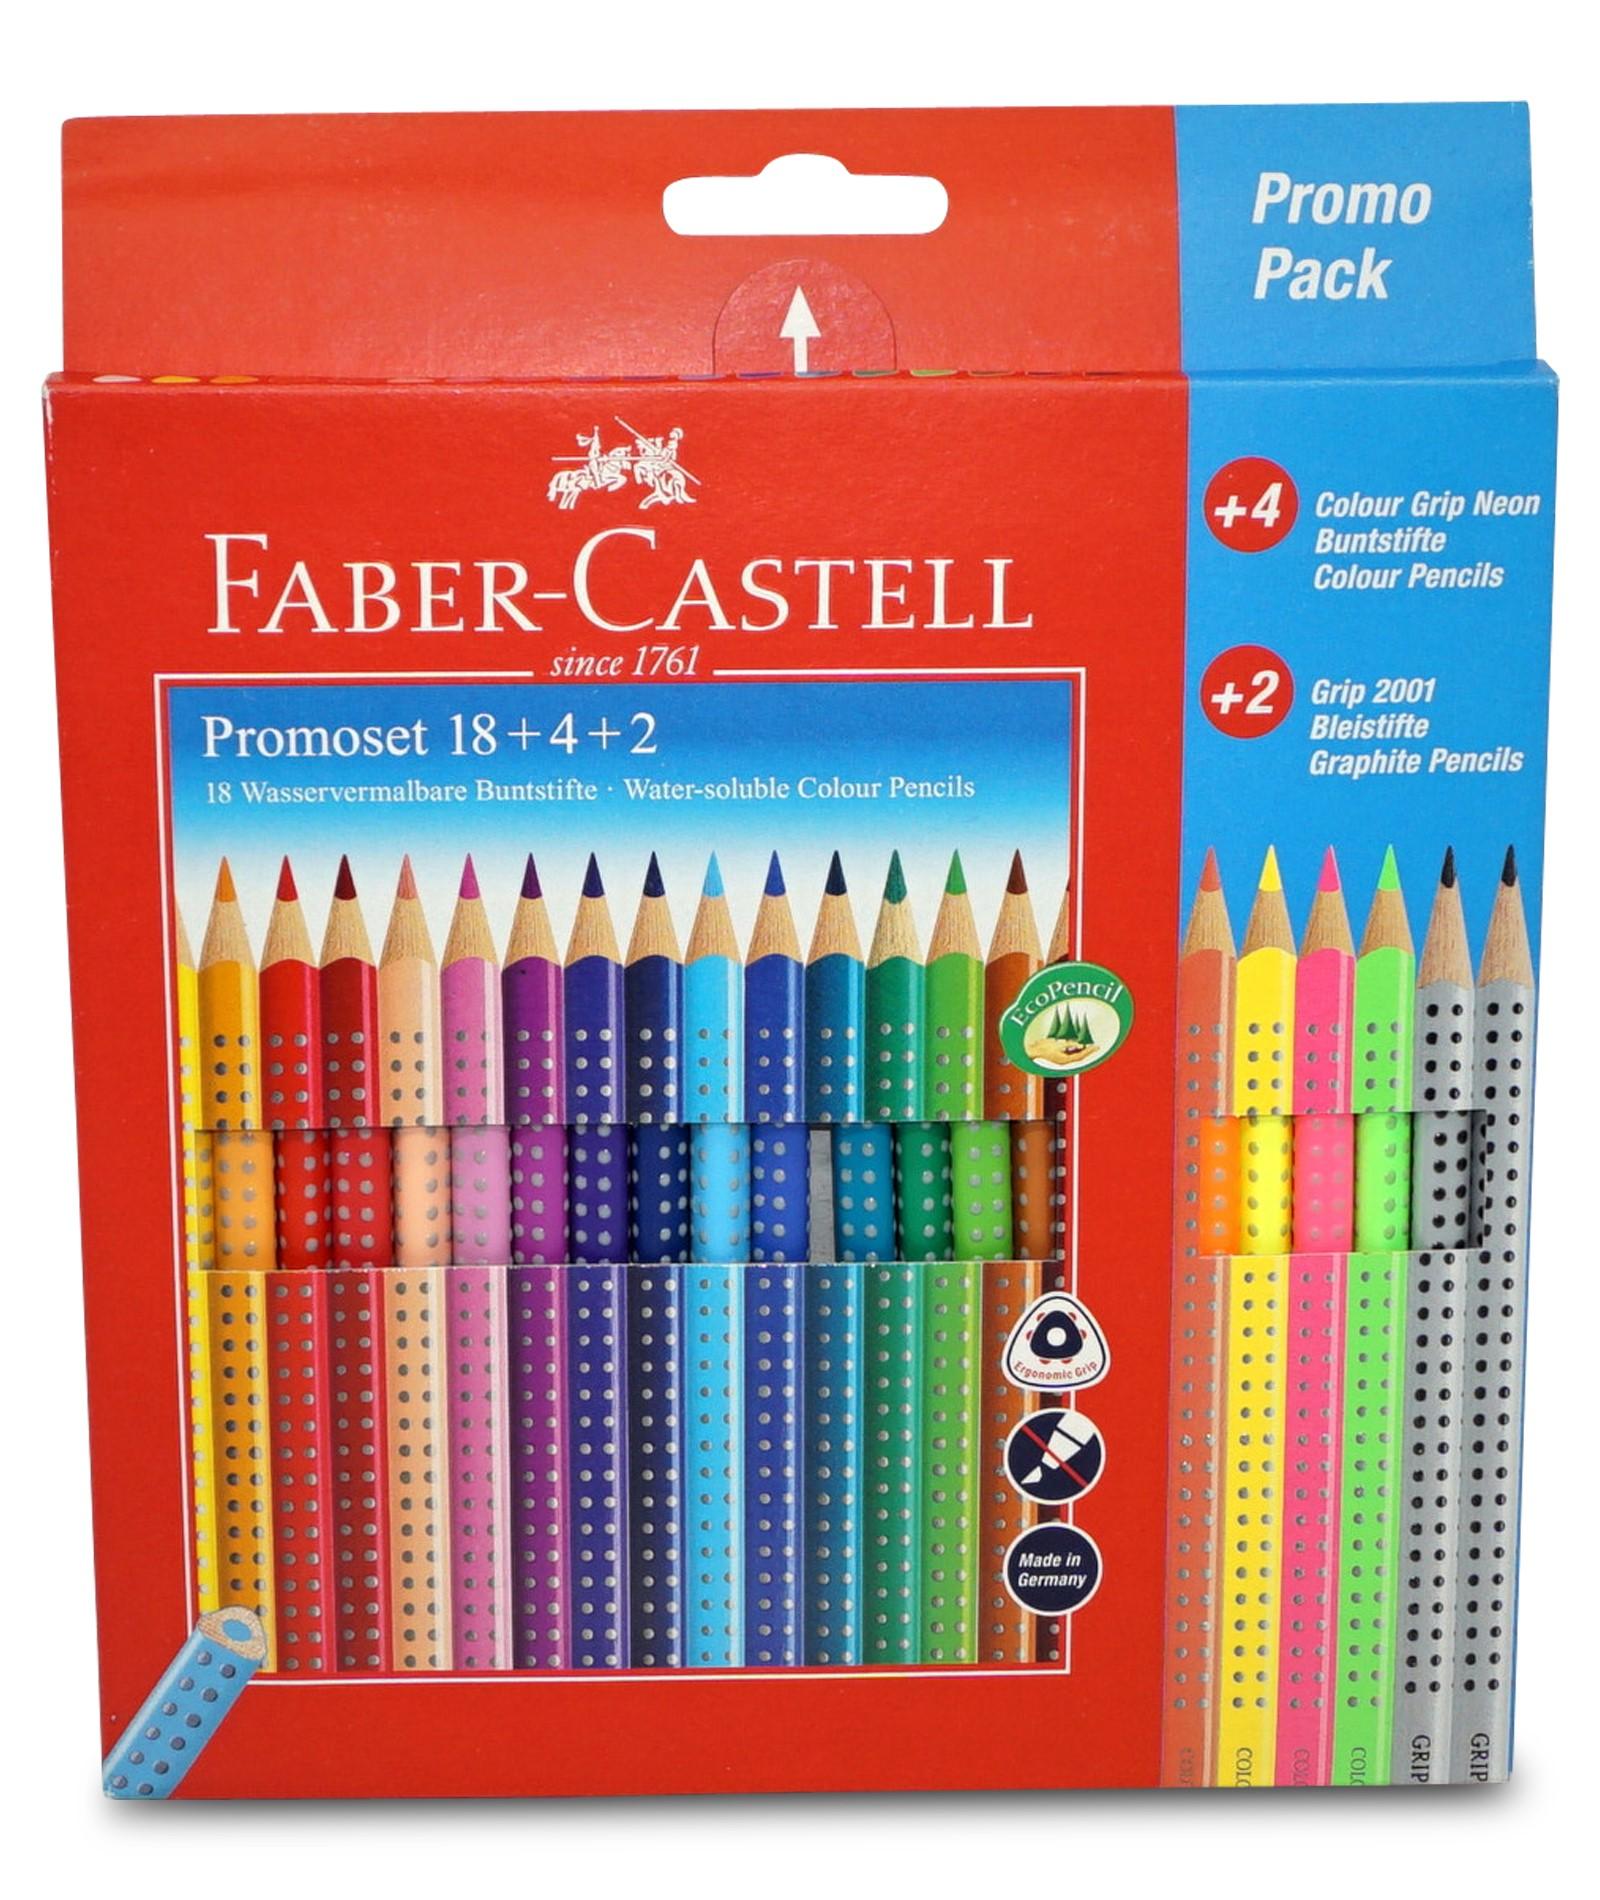 Faber-Castell Grip Bunt- und Bleistiftset: 18 + 4 + 2